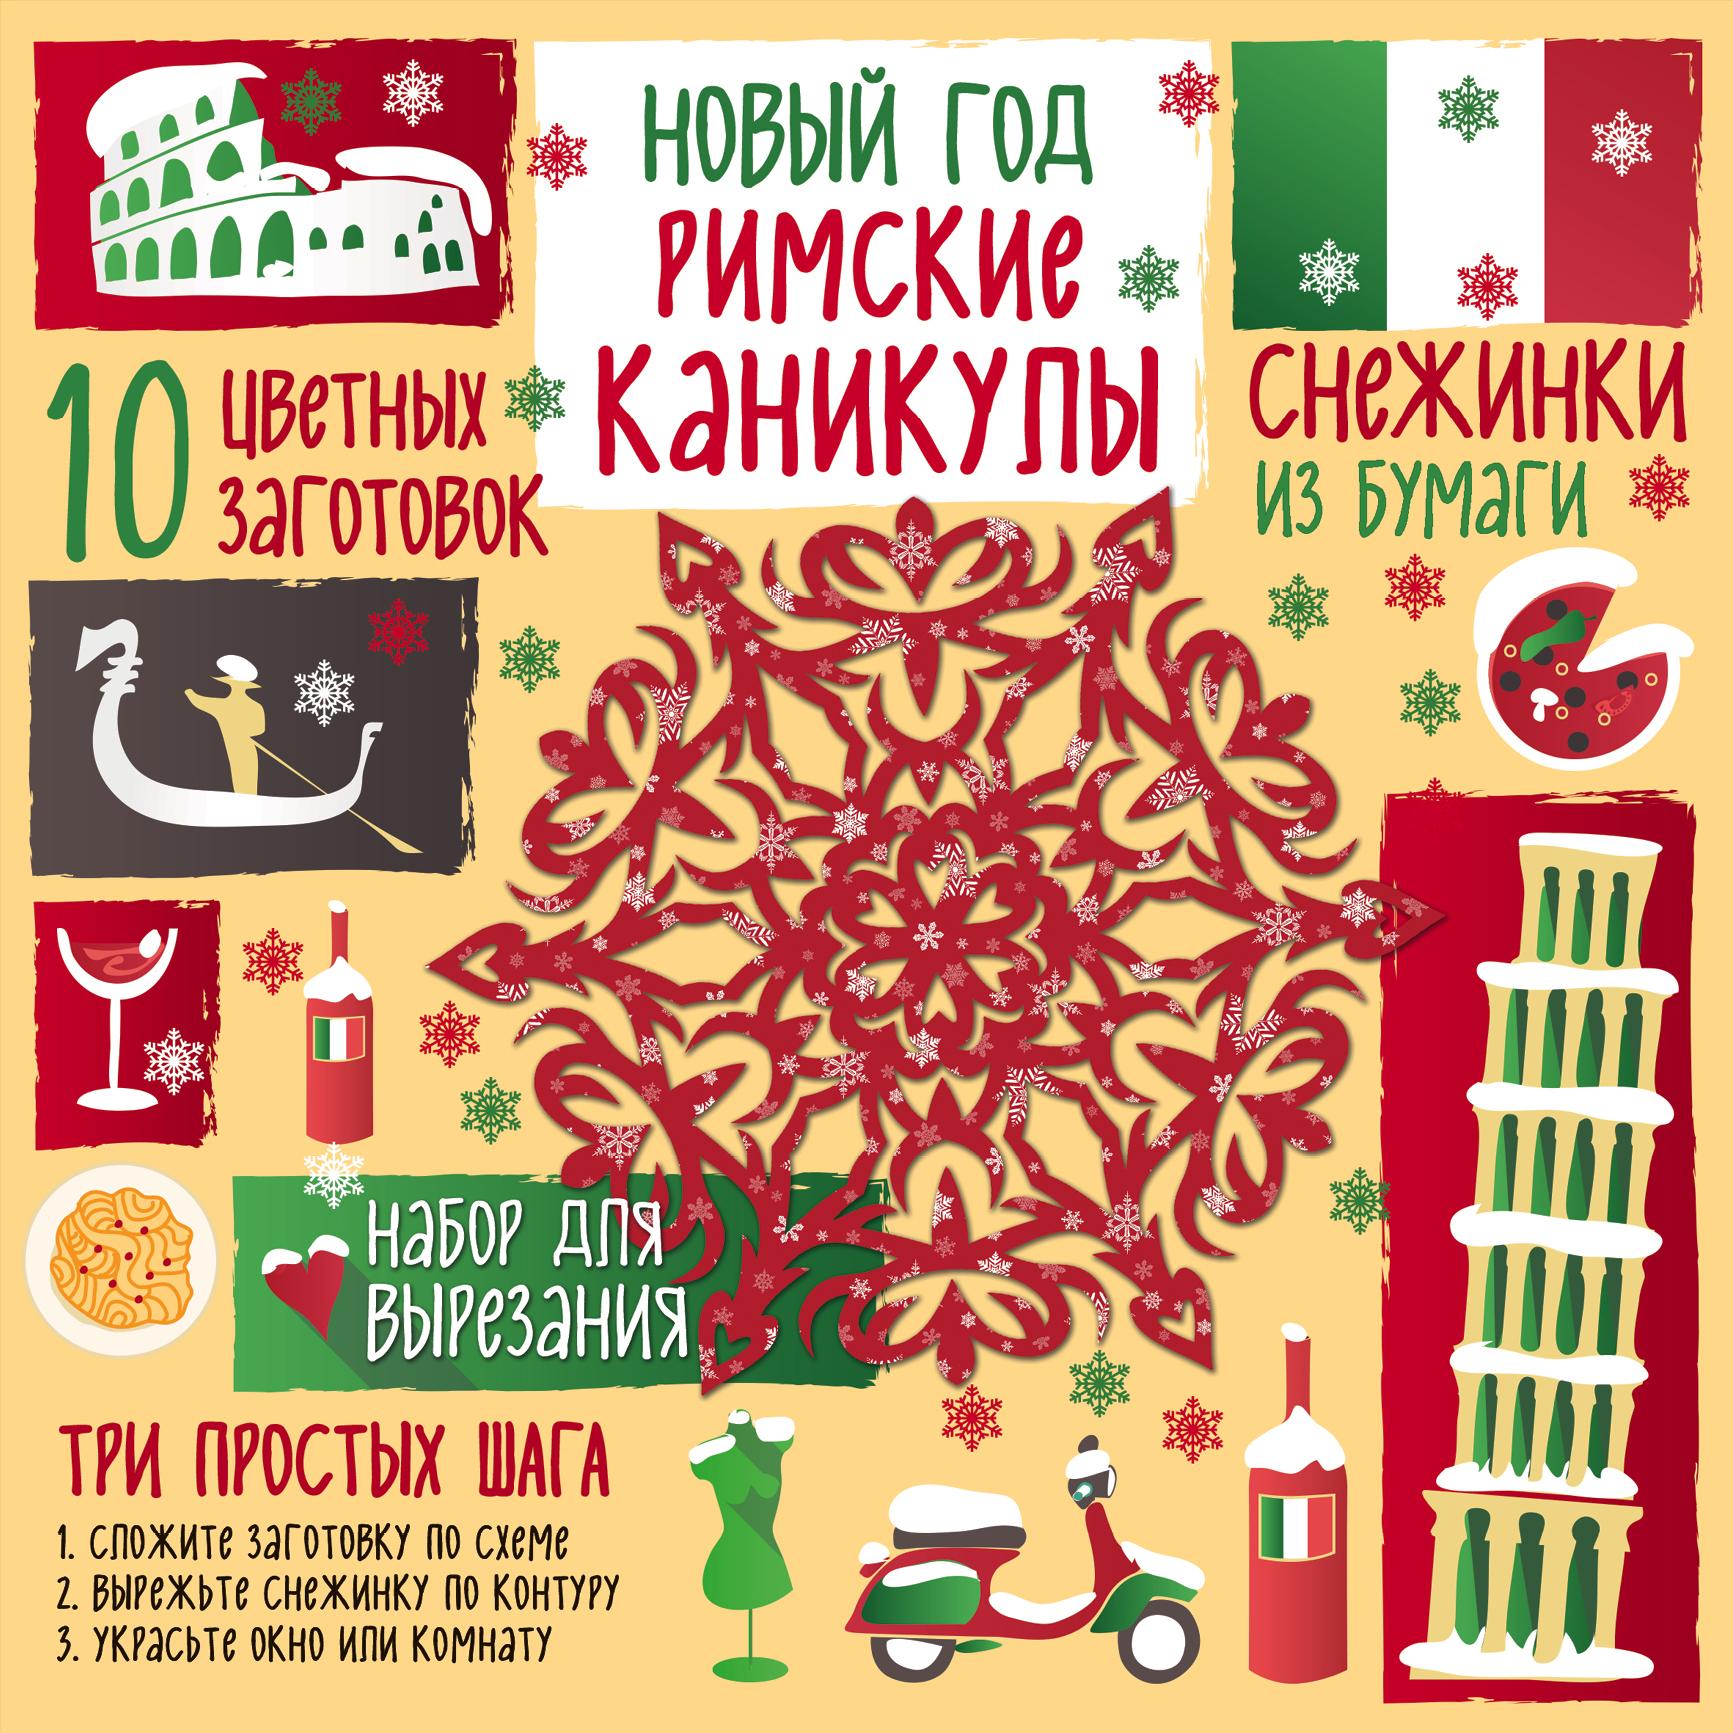 Зайцева А.А. Снежинки из бумаги. Новый год Римские каникулы